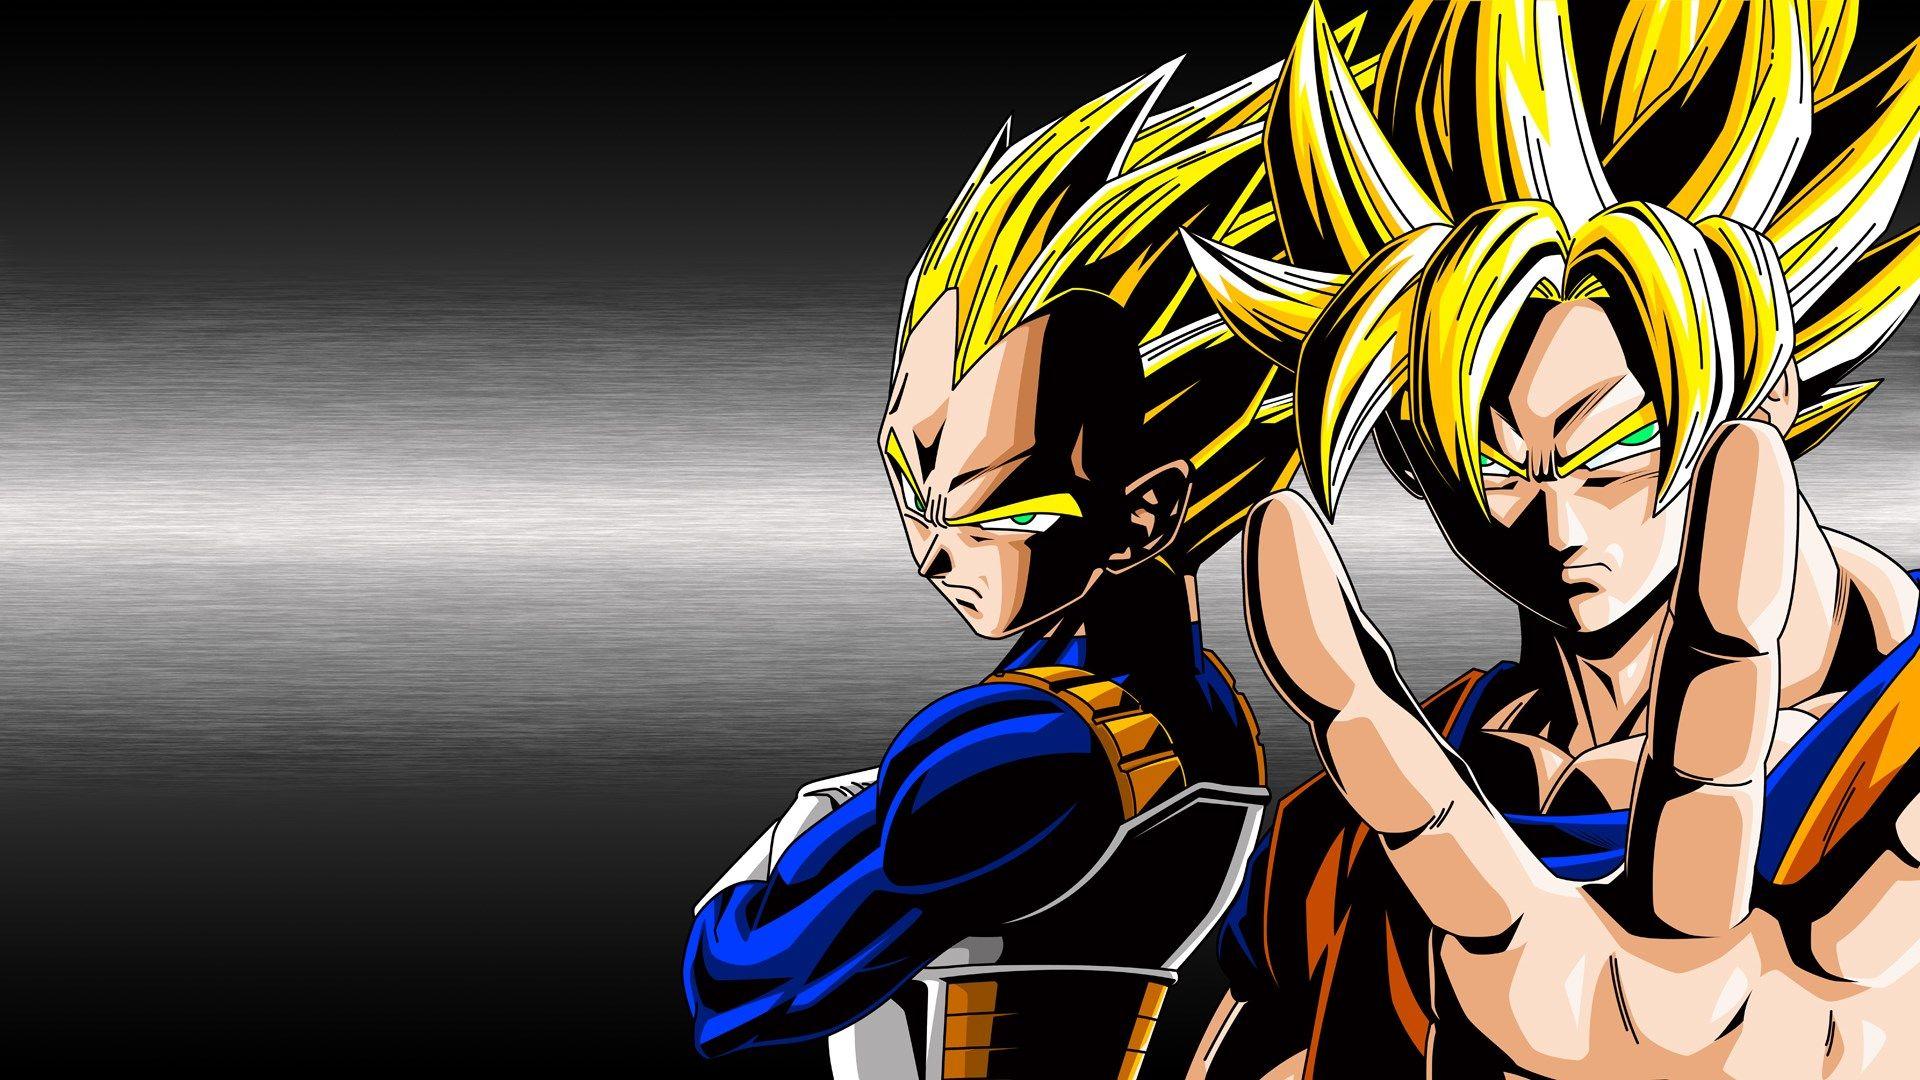 Goku Fase 10000 Vs Vegeta Fase 10000: Dragon Ball Z Vegeta Super Saiyan Wallpaper Hd